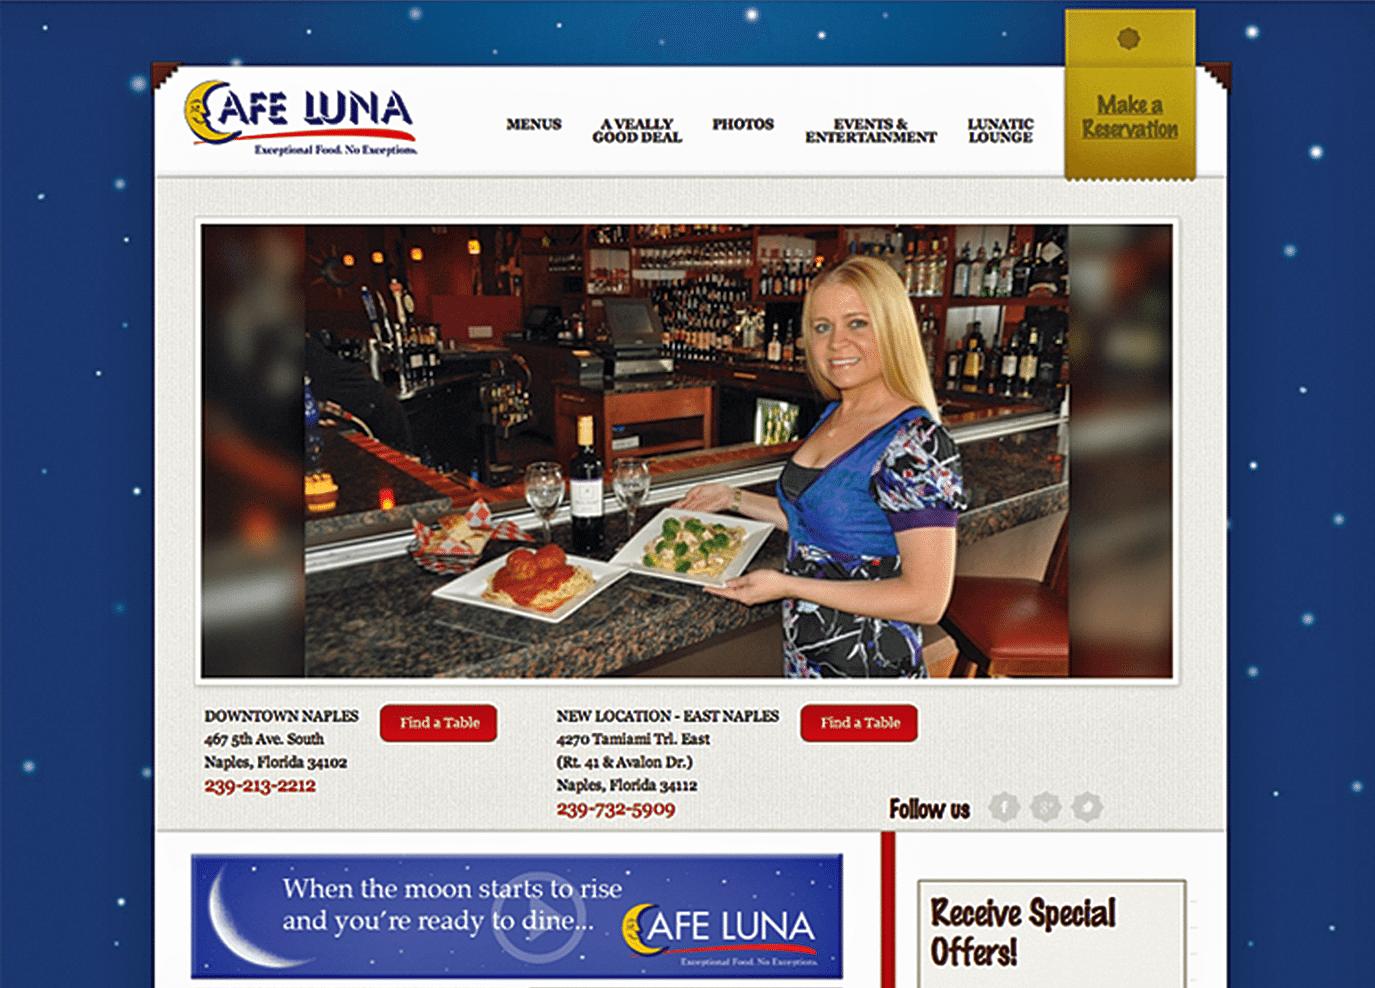 Restaurant Website Design Agency | Restaurant Website Design Creative for Cafe Luna